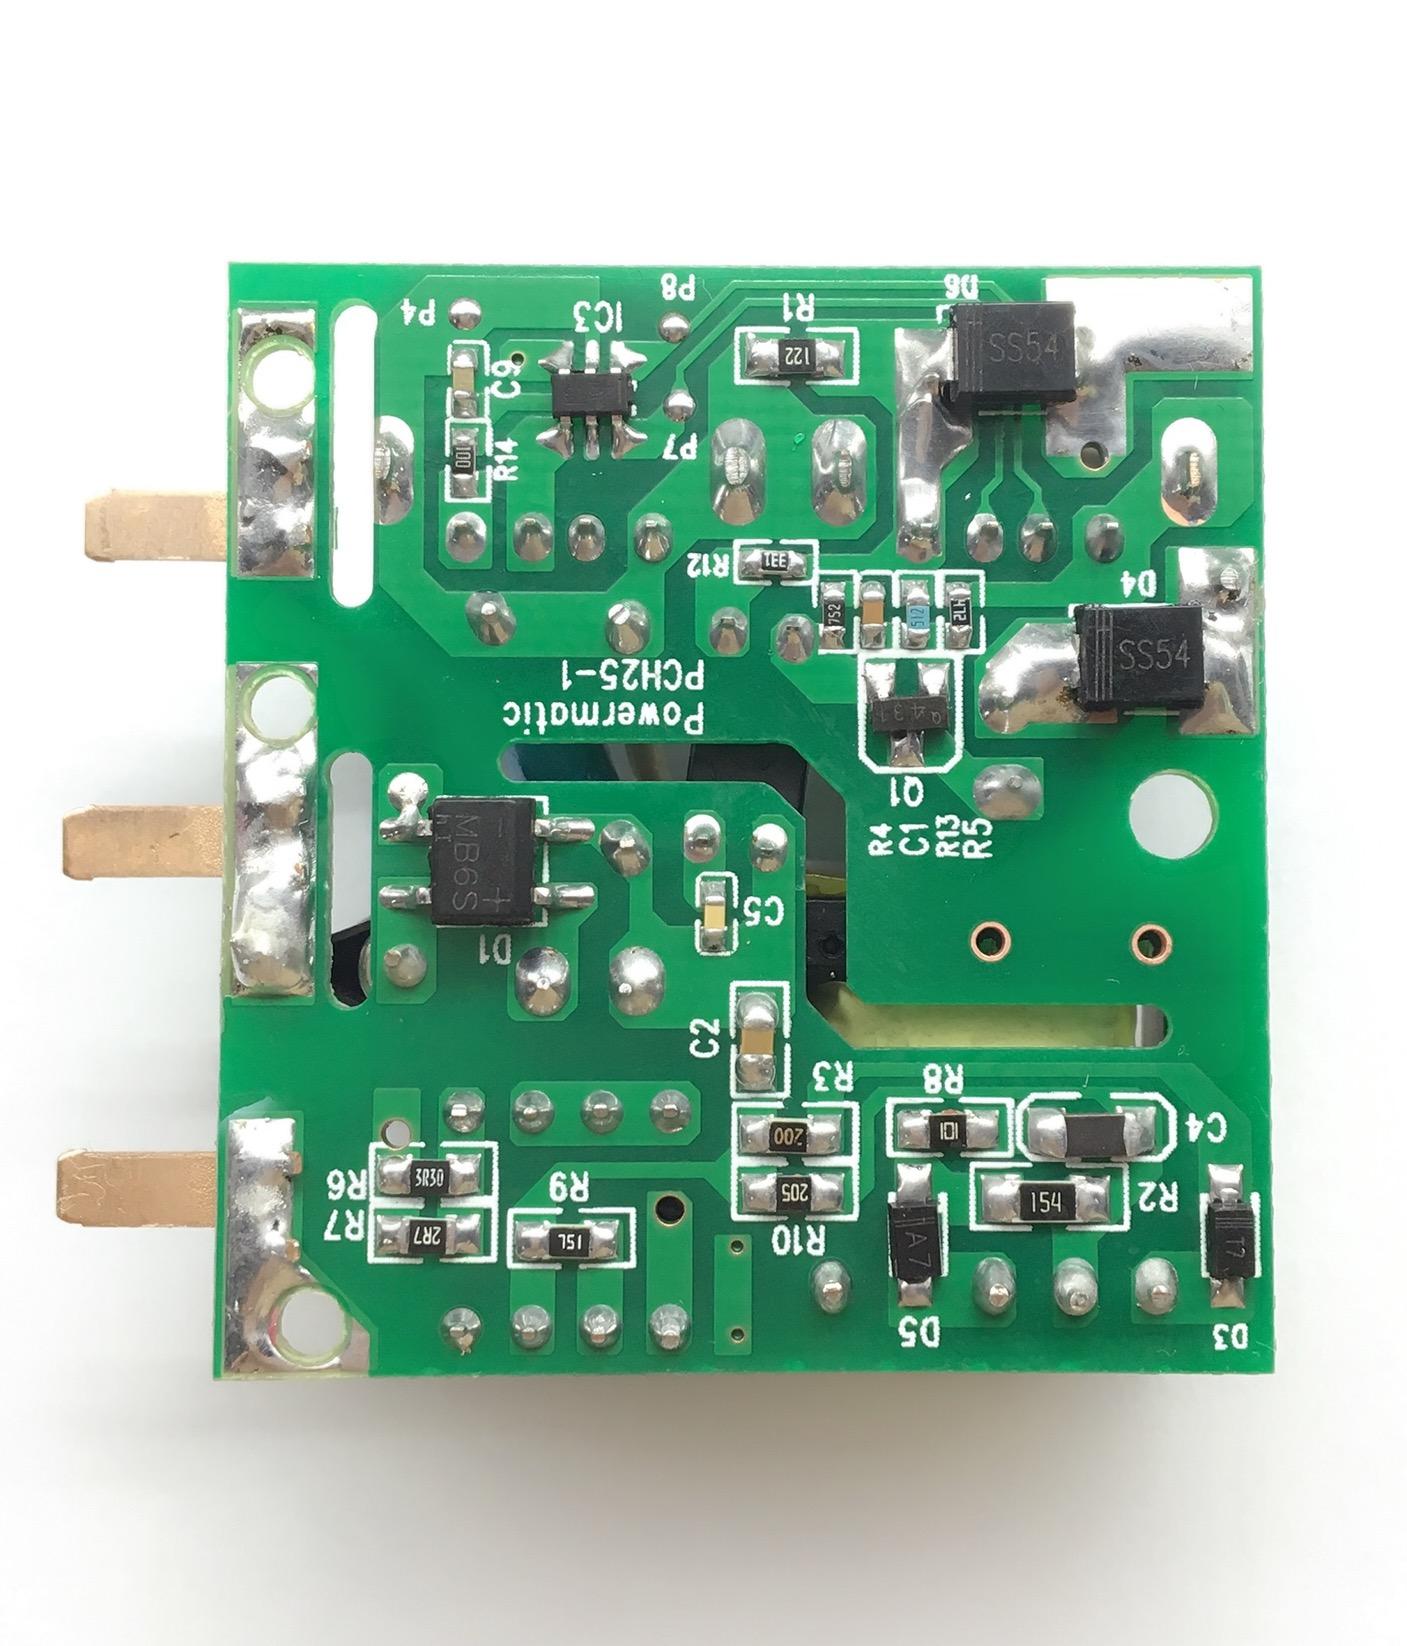 供应用于充电排插的定制usb充电排插电源板pcba